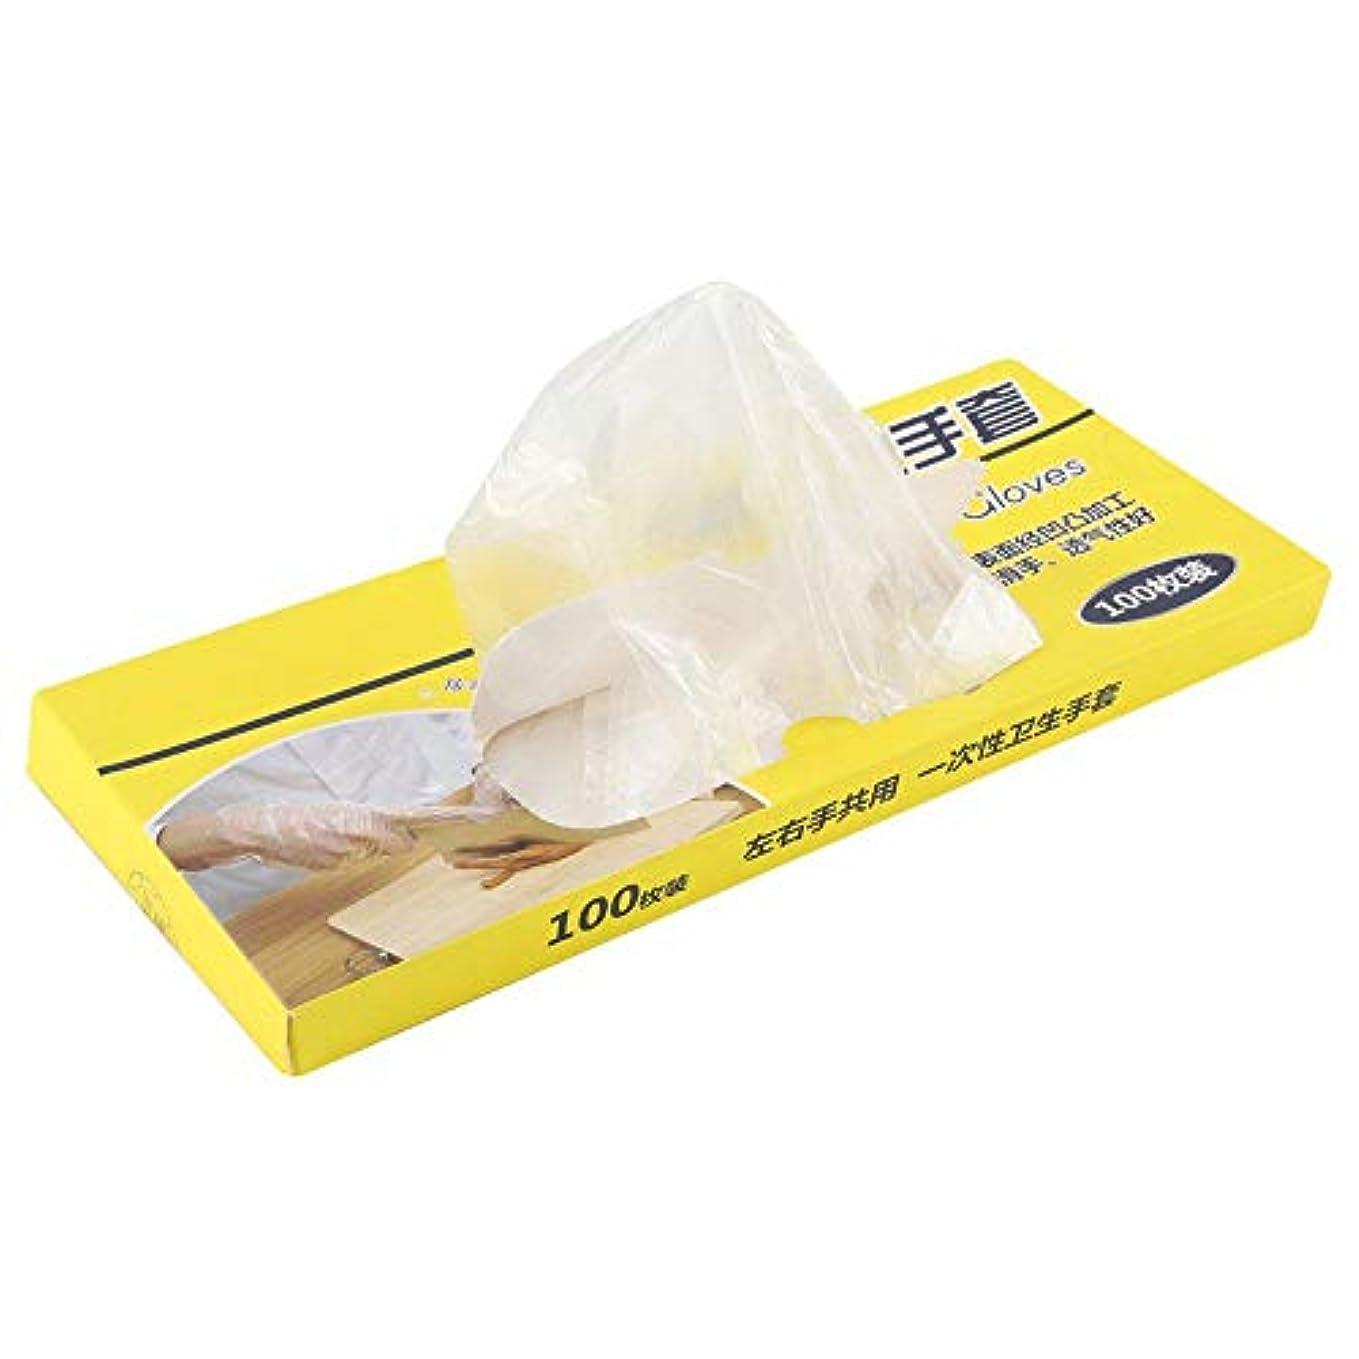 プラカード包帯大使館Yosoo 100pcs 使い捨てポリ手袋 使い捨て手袋 極薄手袋 調理 お掃除 使い捨て手袋 極薄ビニール手袋 透明 実用 衛生